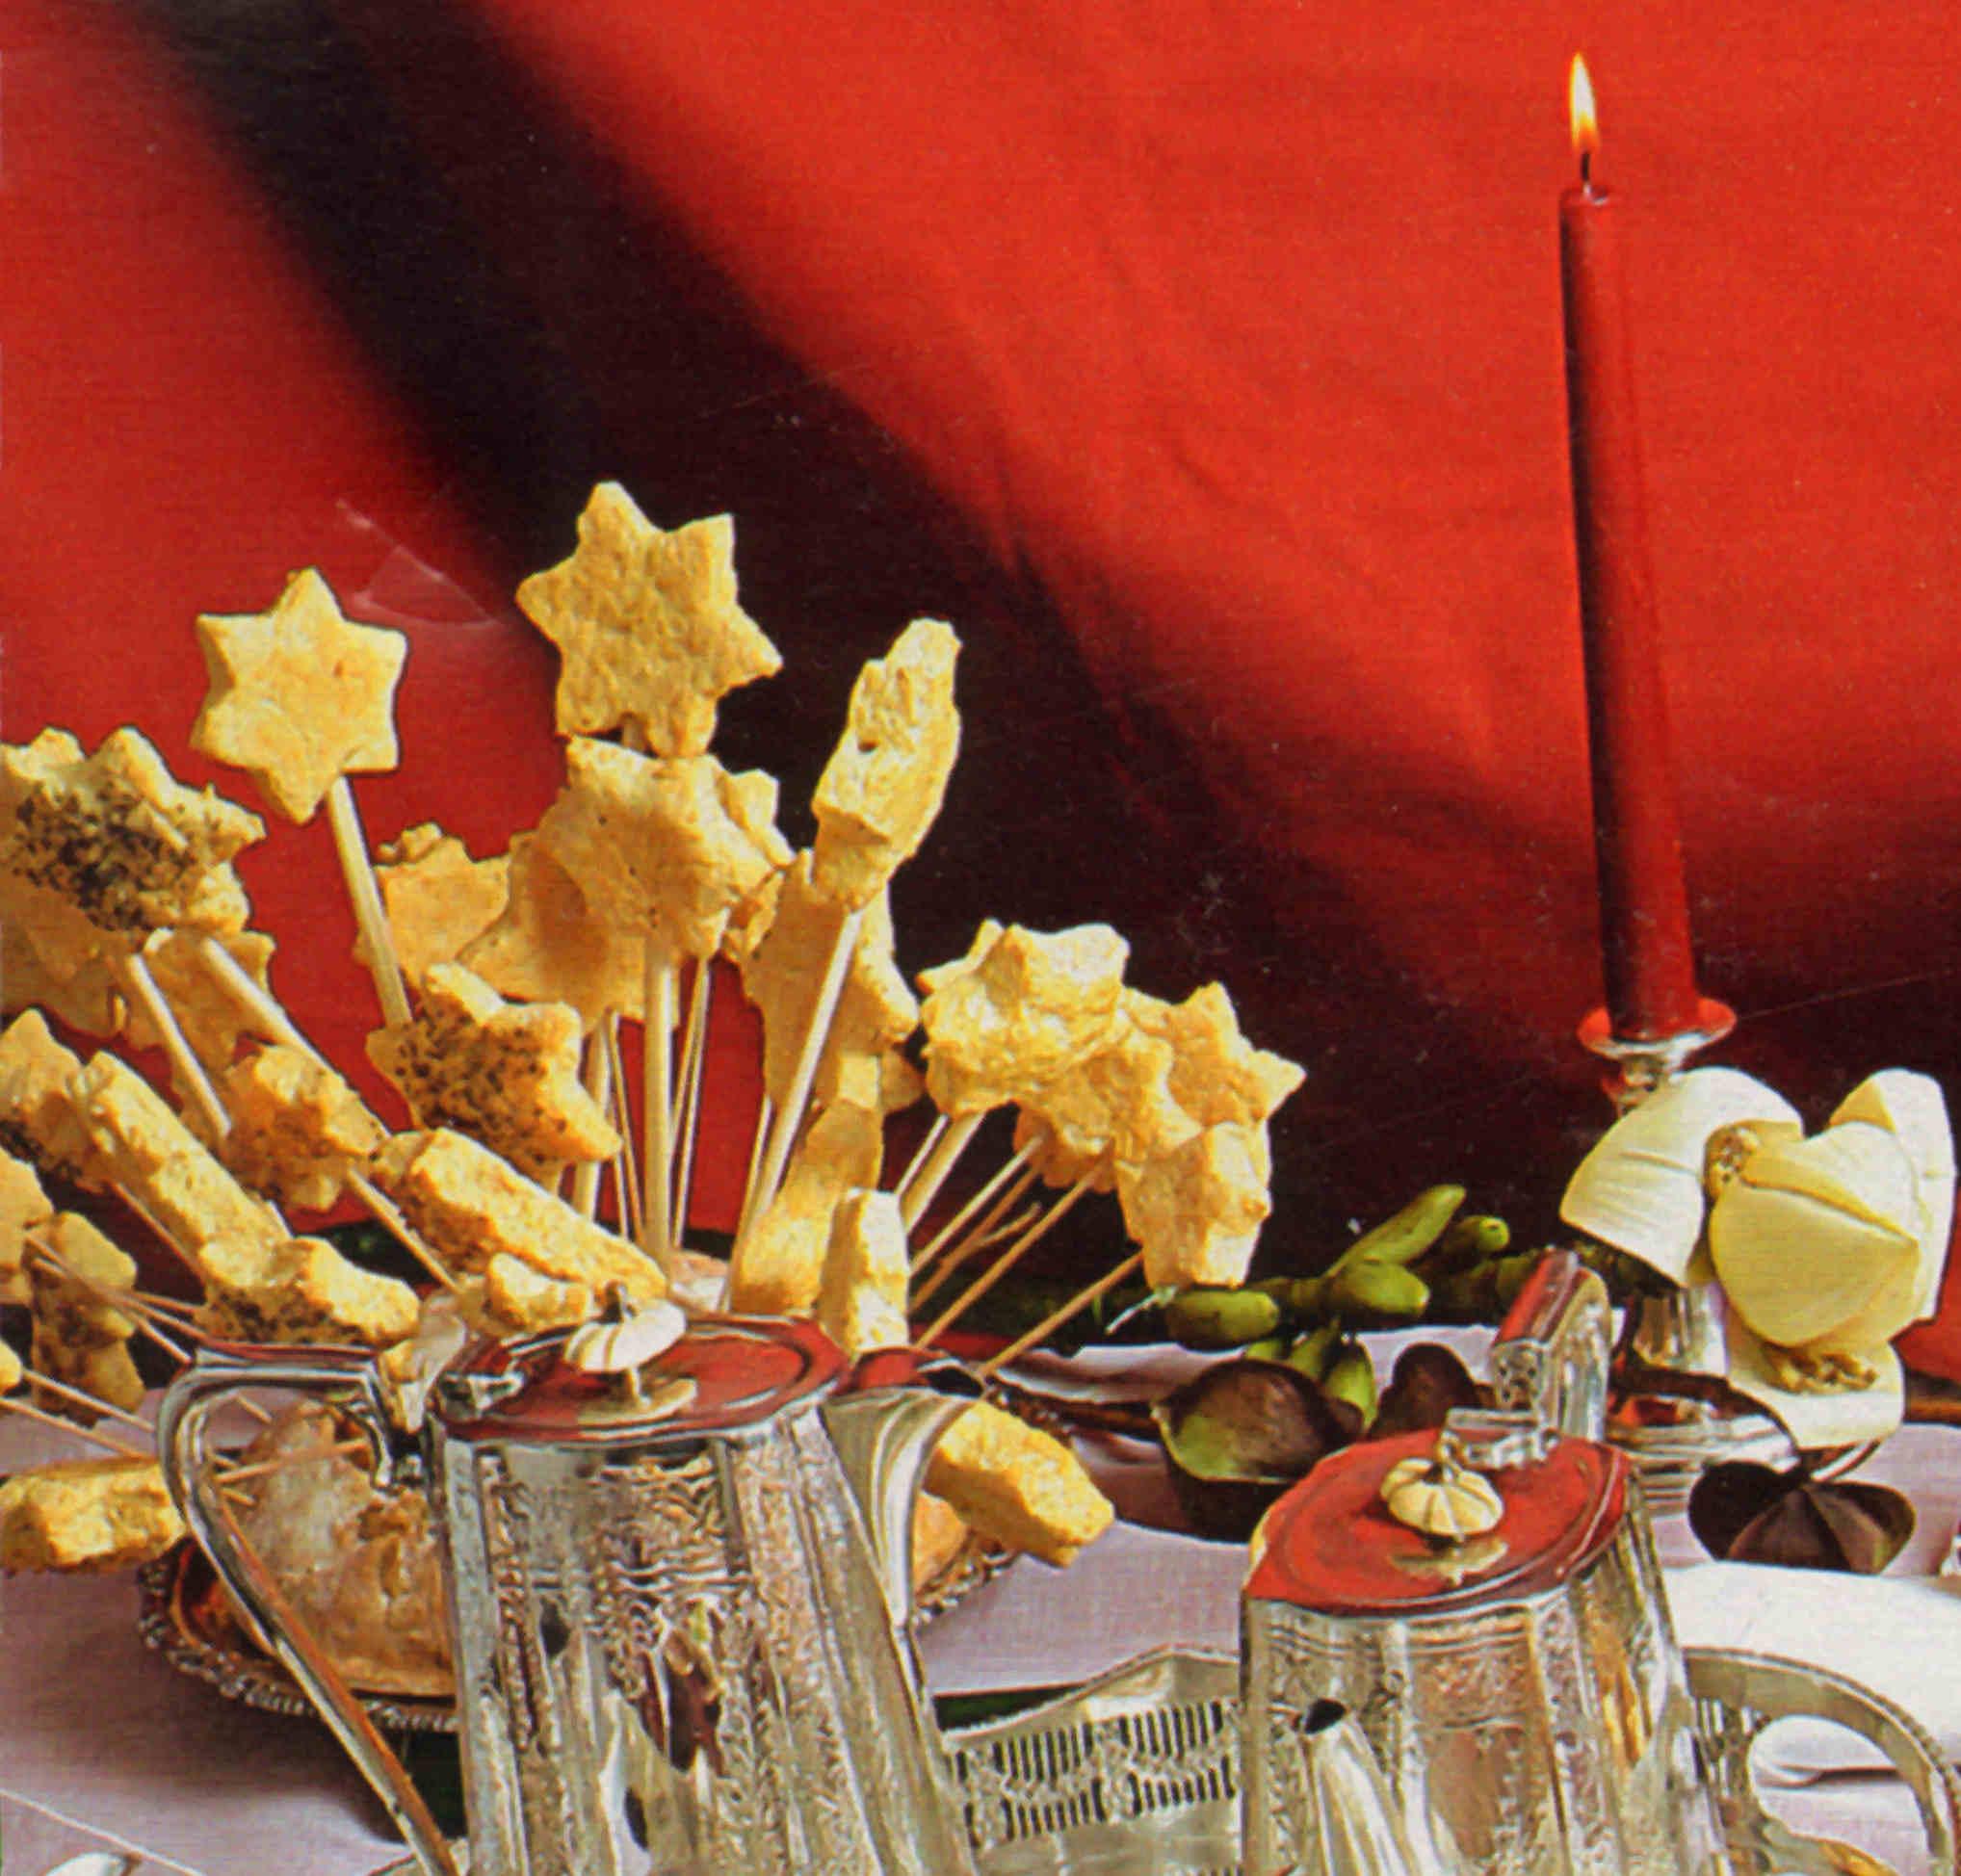 estrellas belen queso emmental receta postre navidad